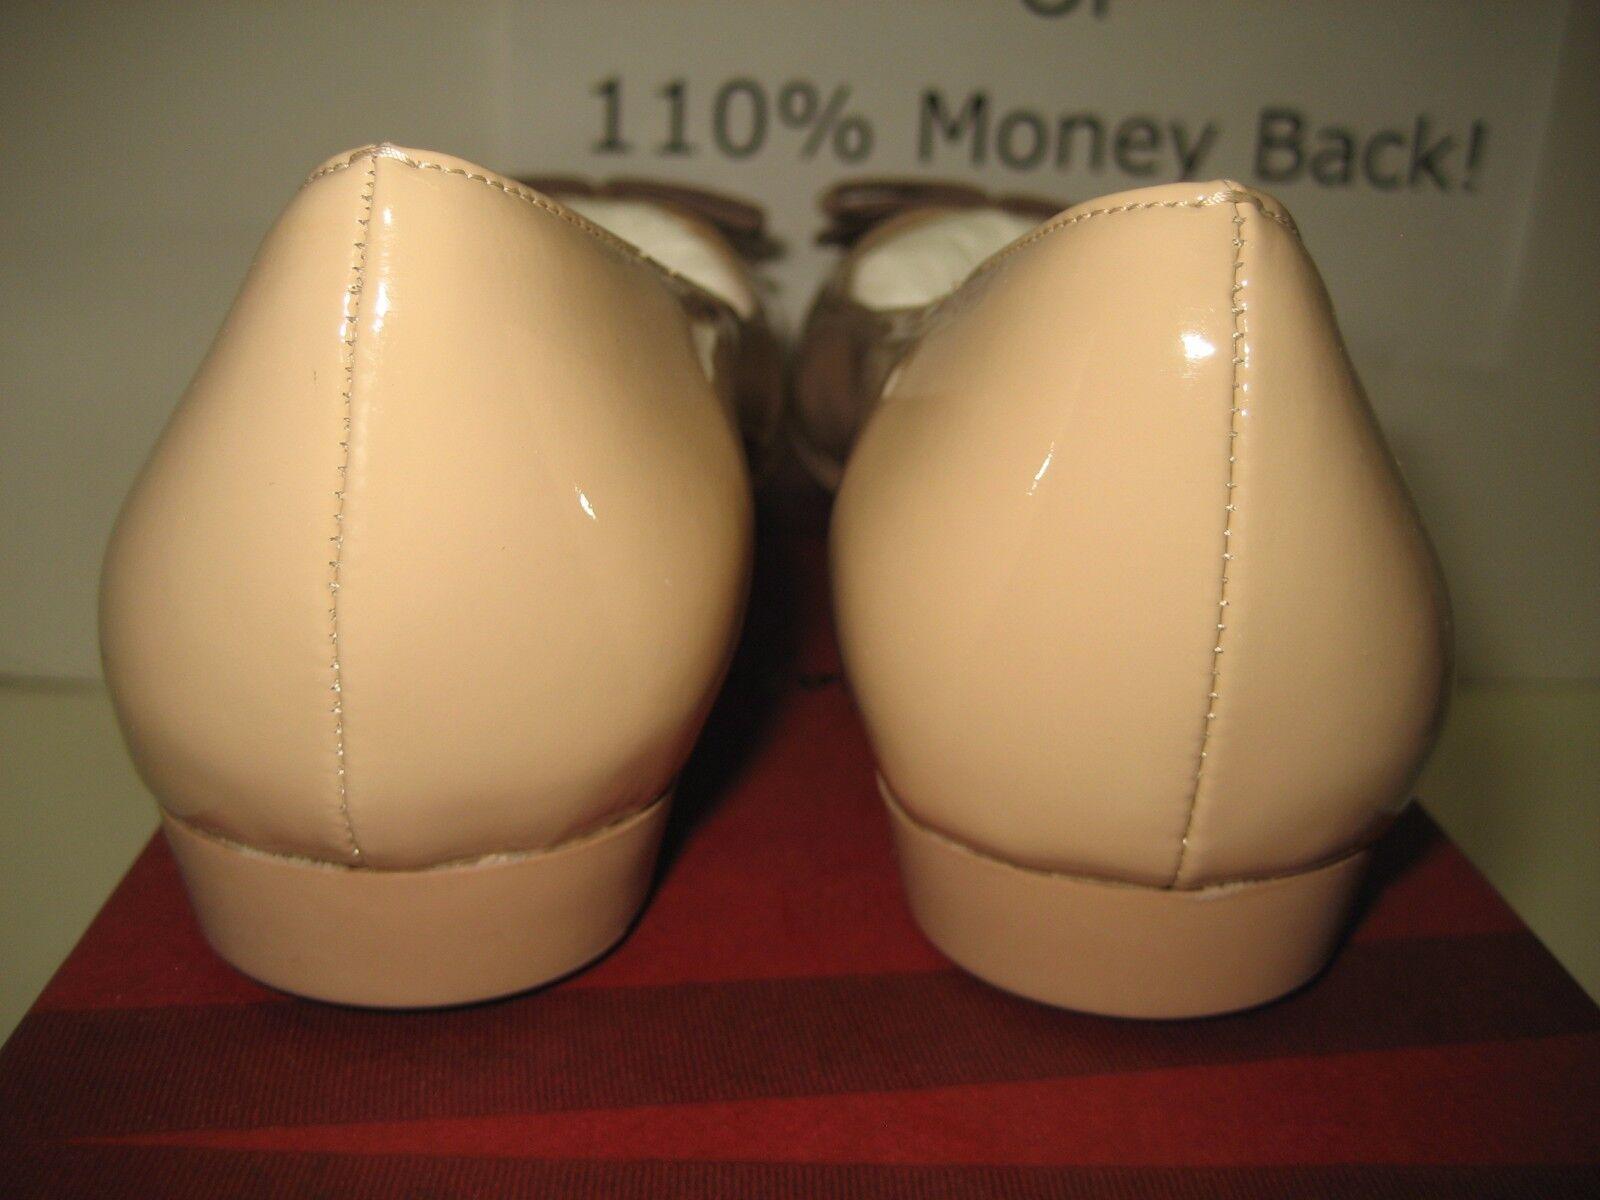 495 NEW Salvatore Ferragamo US 7.5 My Cherie Beige Beige Beige Leather Ballet Flats chaussures 093754